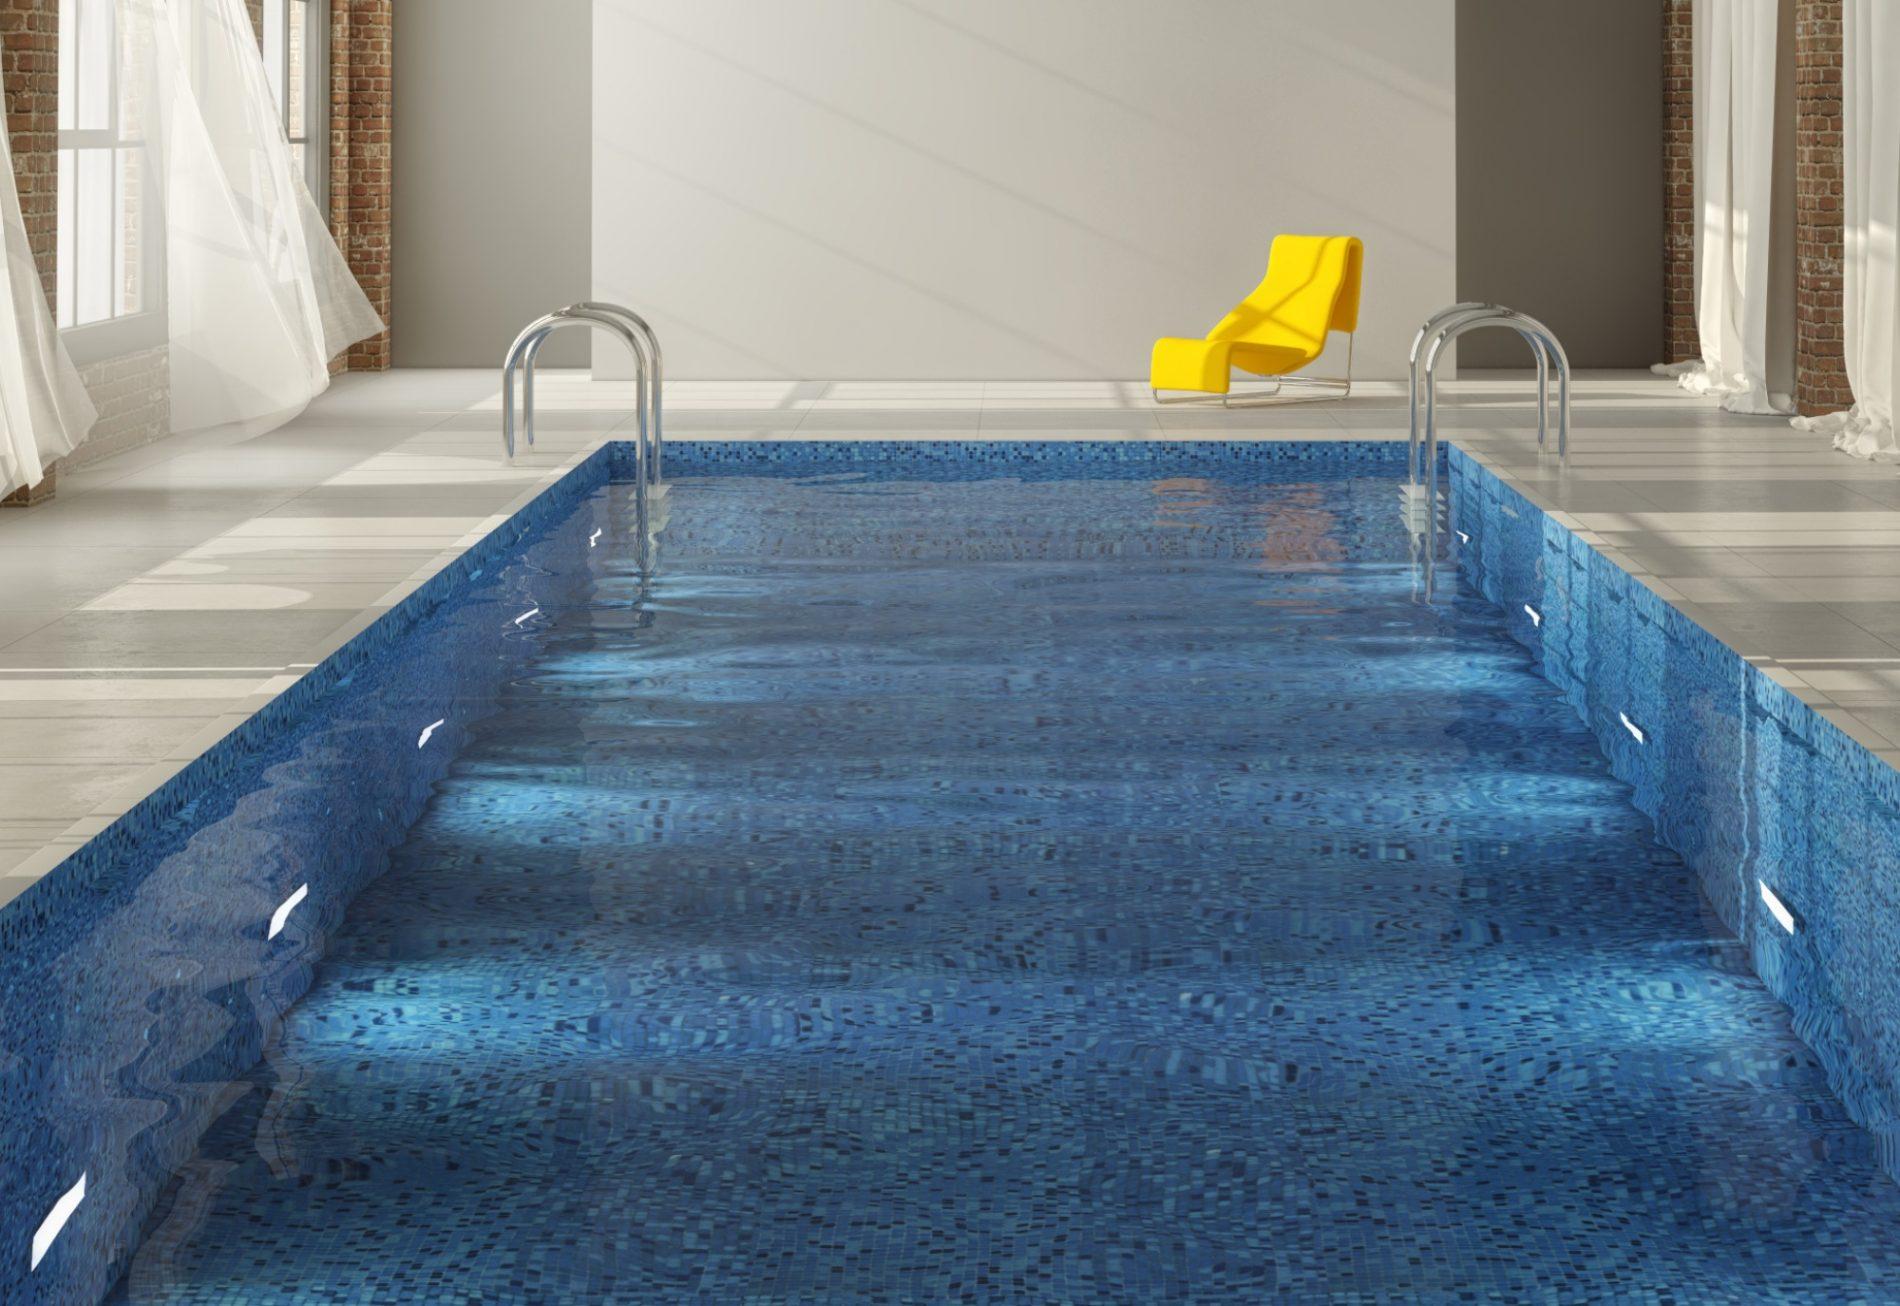 Piscine En Bois Petite Taille comment installer une petite piscine intérieure ? prix, coût